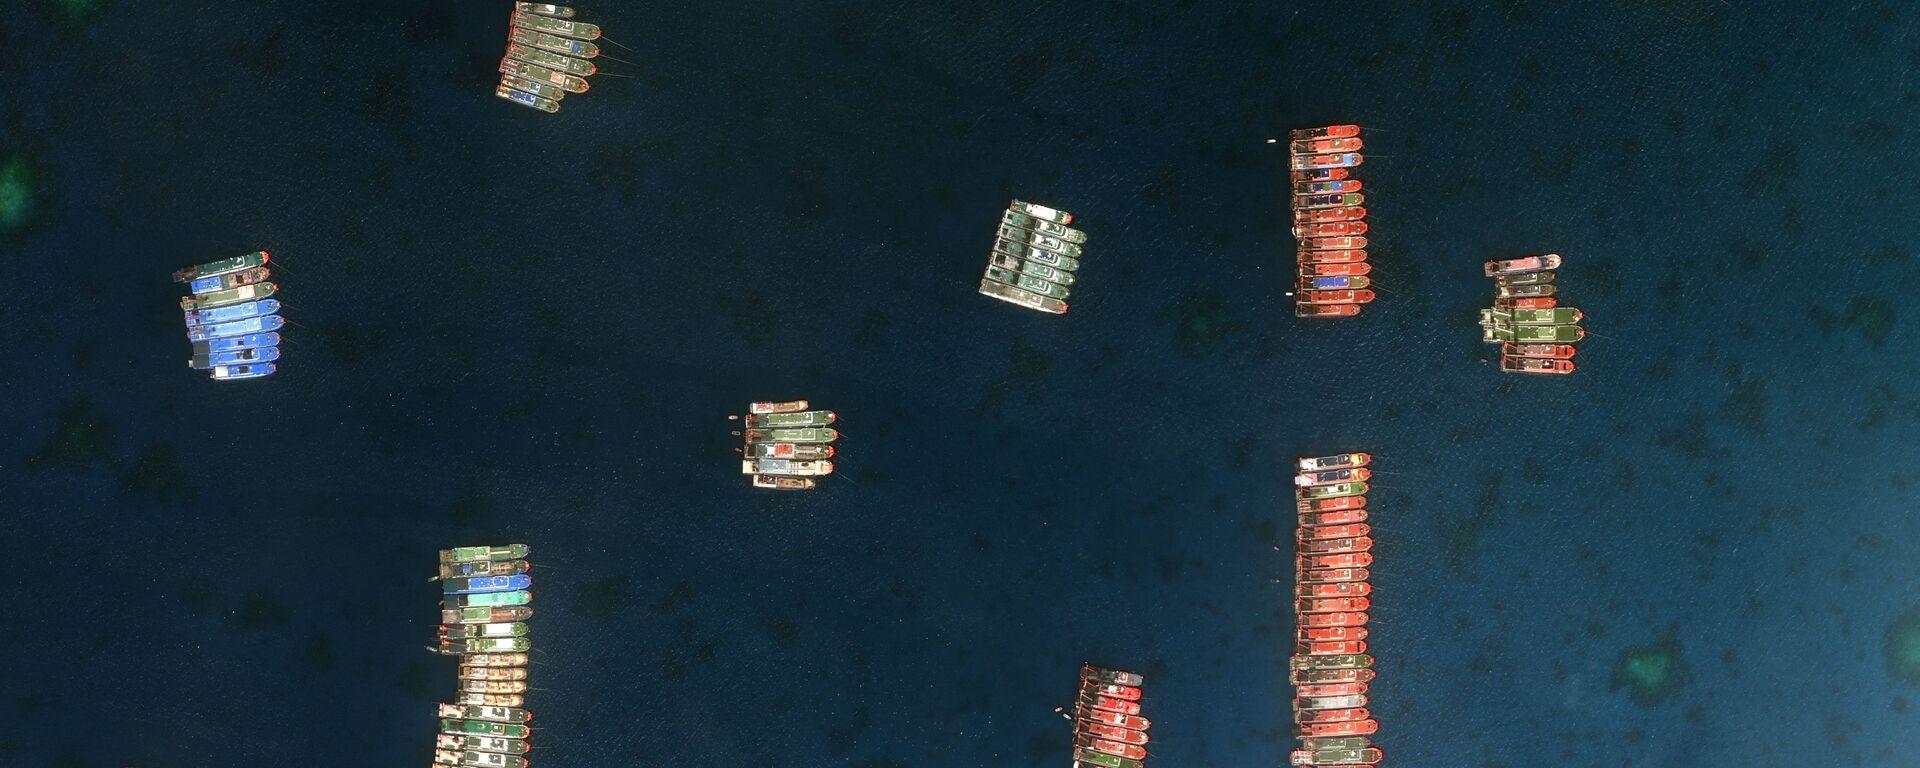 Tàu Trung Quốc ở Biển Đông. - Sputnik Việt Nam, 1920, 05.08.2021